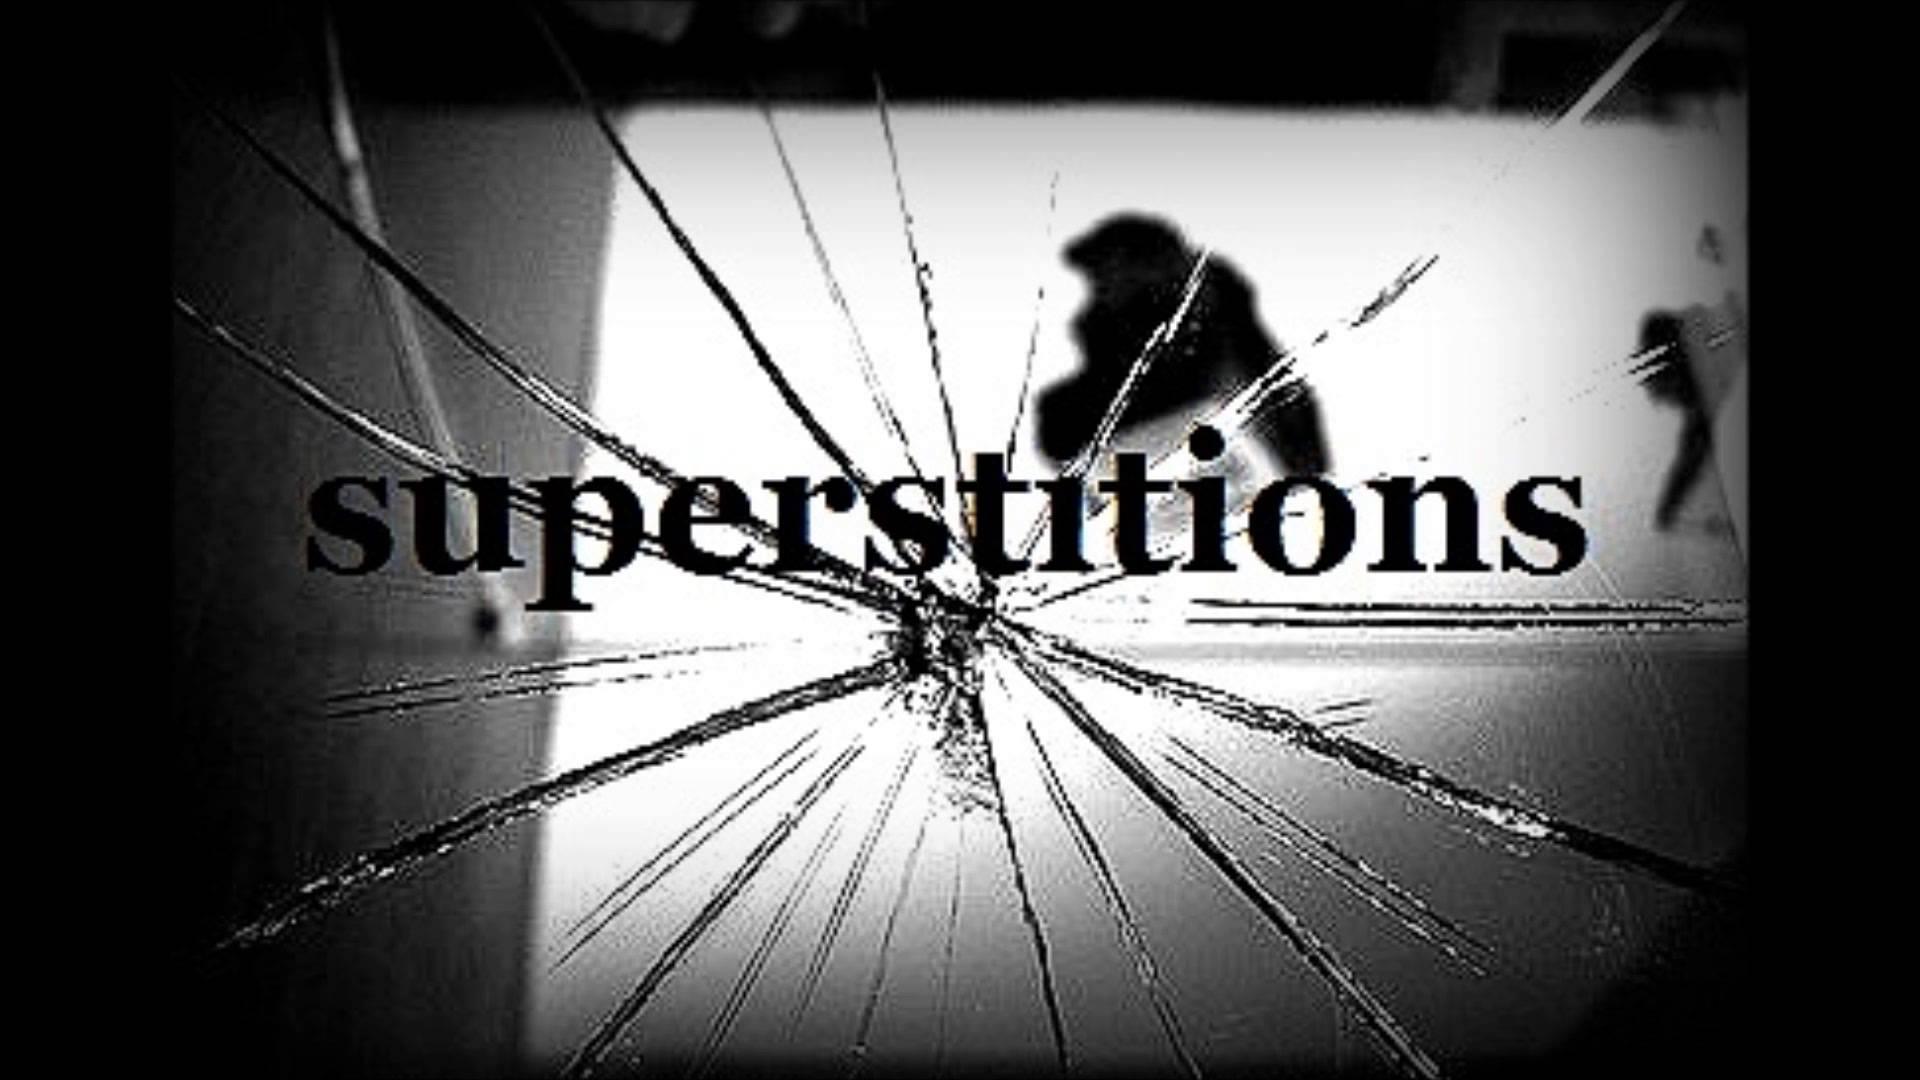 अंधविश्वास है या छुपा है कोई वैज्ञानिक तर्क: superstition facts